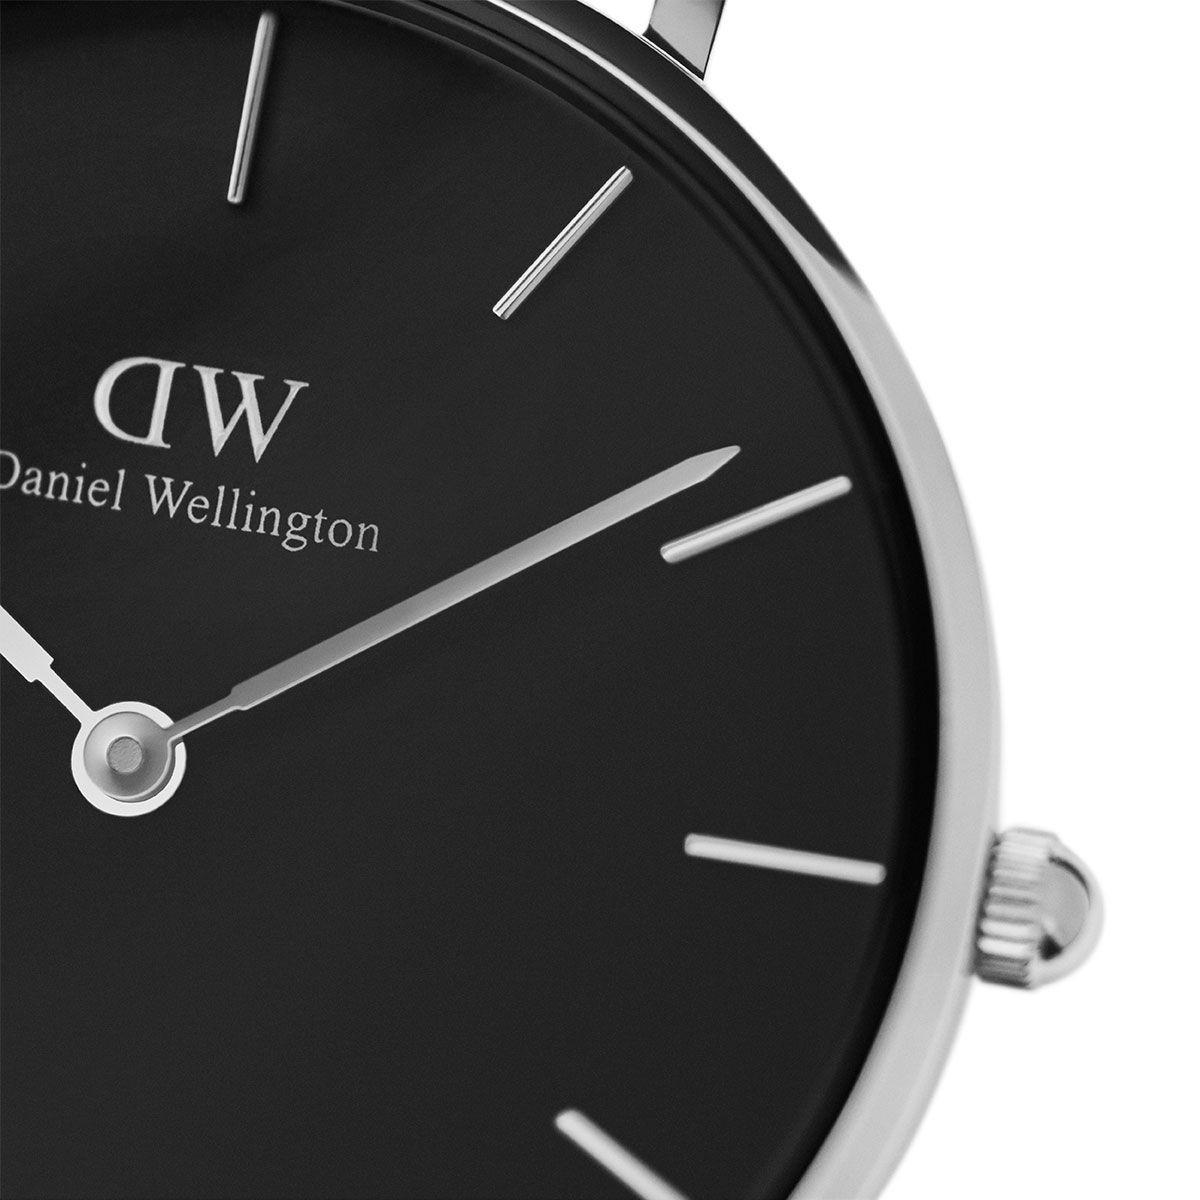 dw官网 dw手表官网 dw中国官网 dw官方旗舰店 DW DW官网  Bundle W+B Petite Sterling Silver 36mm+Bracelet Silver L